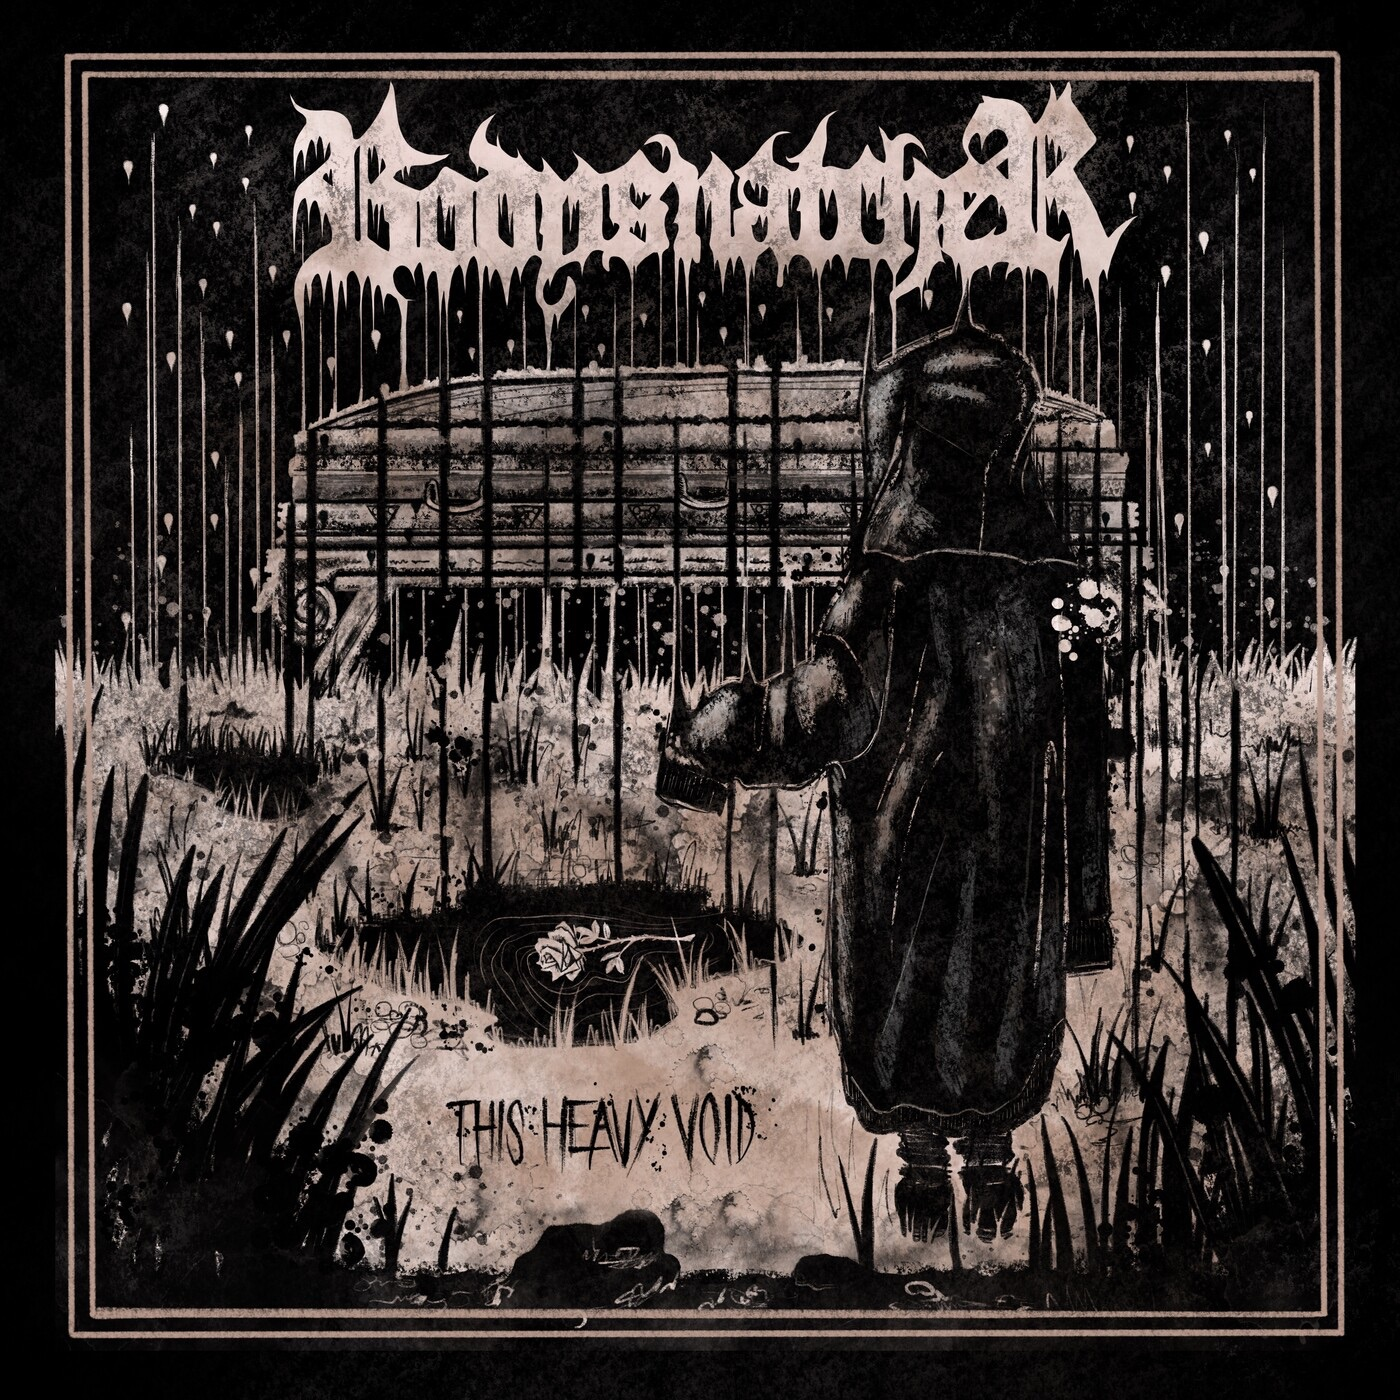 Bodysnatcher - This Heavy Void